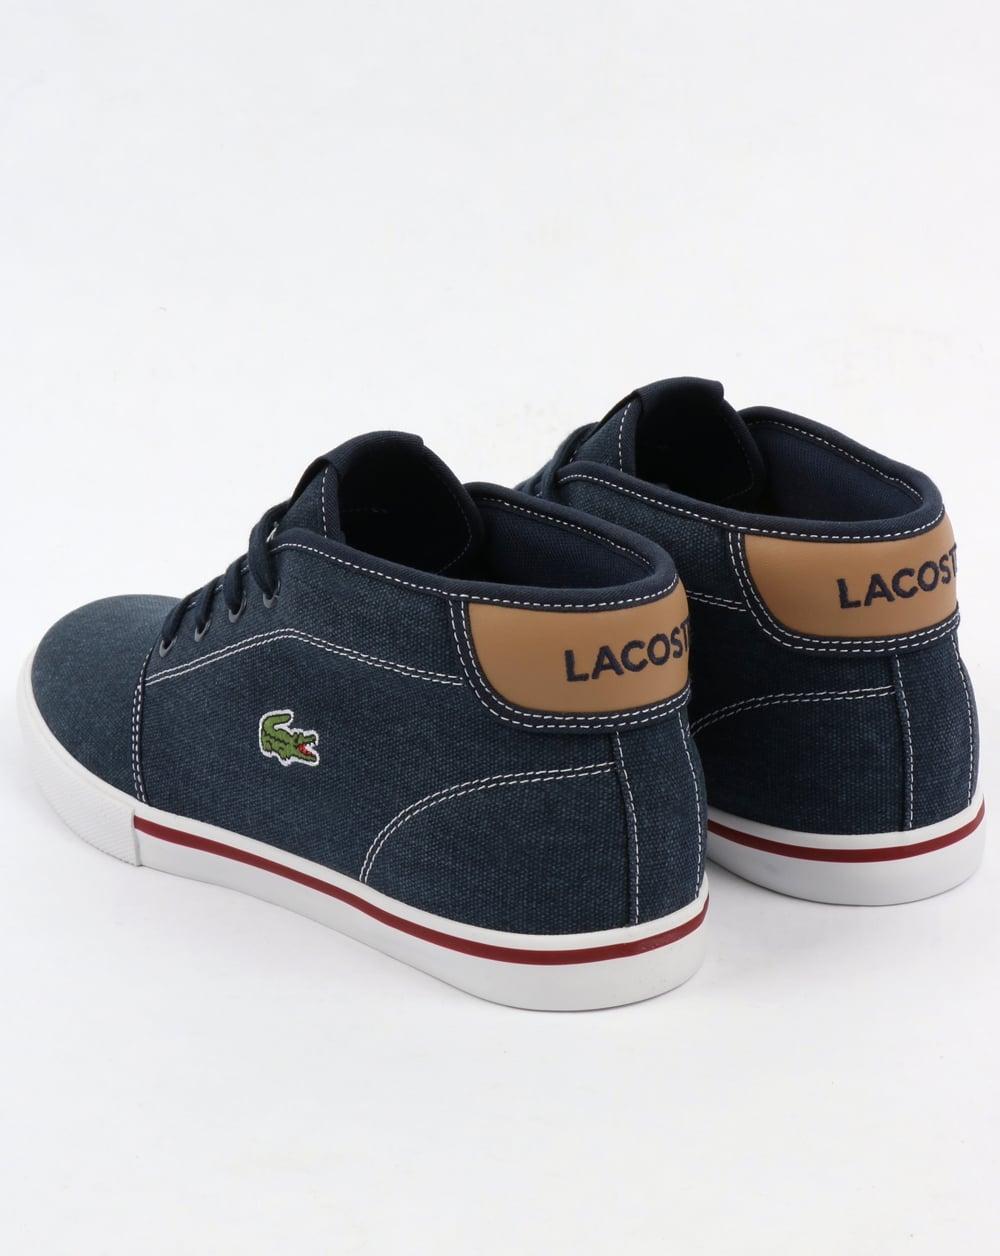 Lacoste Ampthill Chukka Navy/Tan,boots